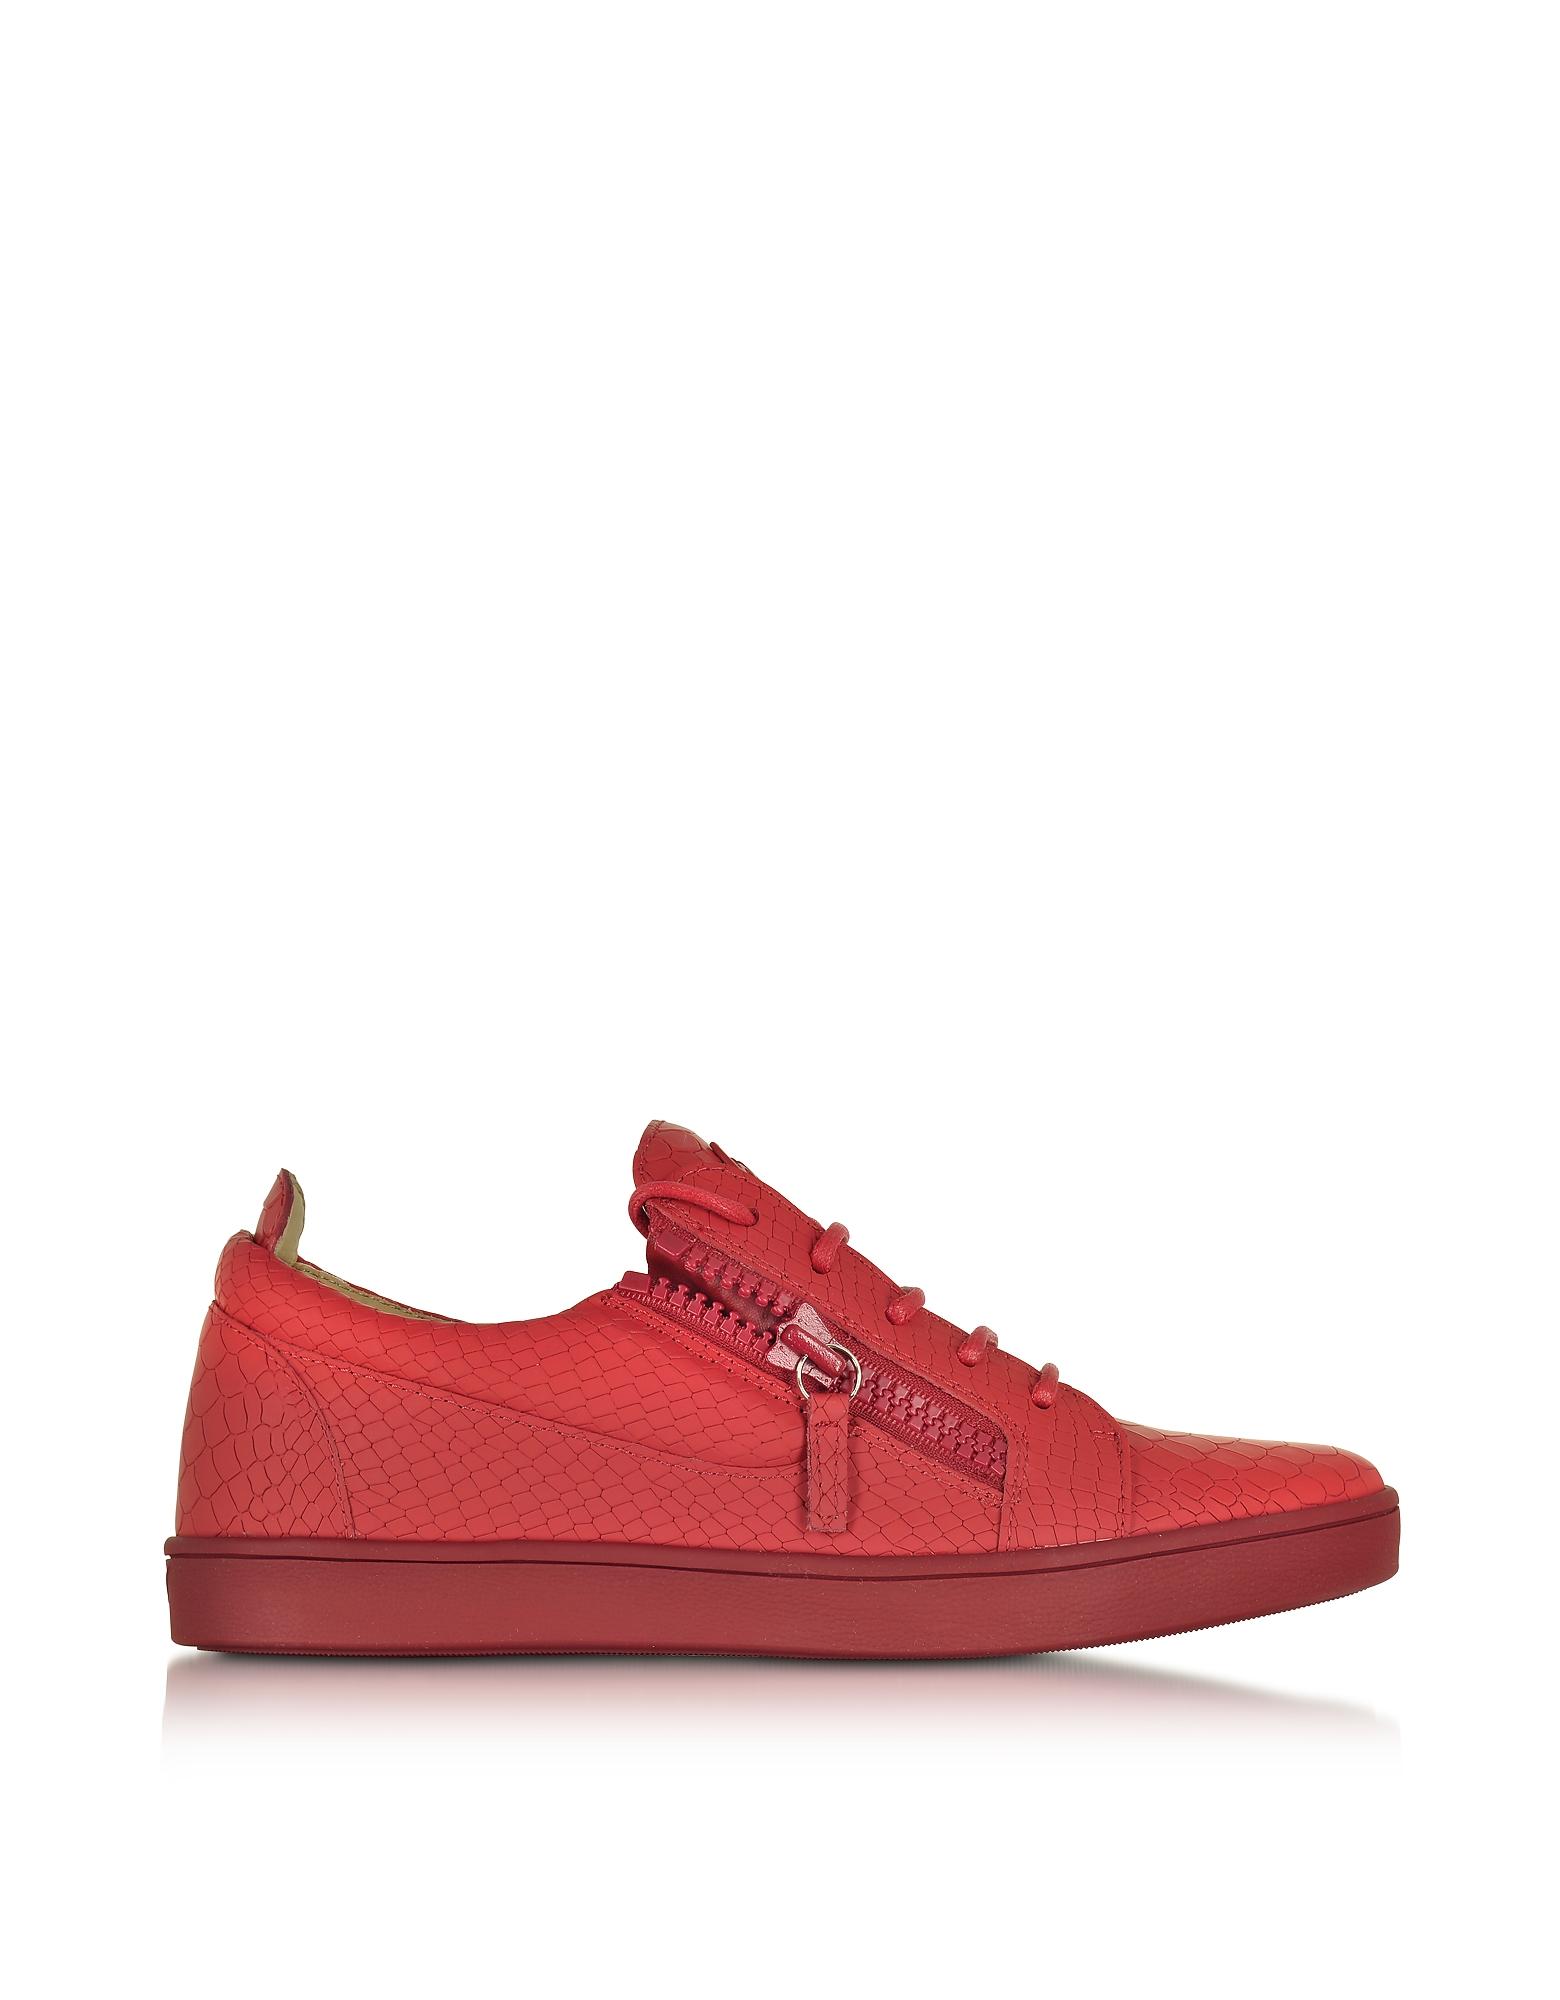 Giuseppe Zanotti Низкие Красные Мужские Кроссовки из Кожи под Крокодиловую